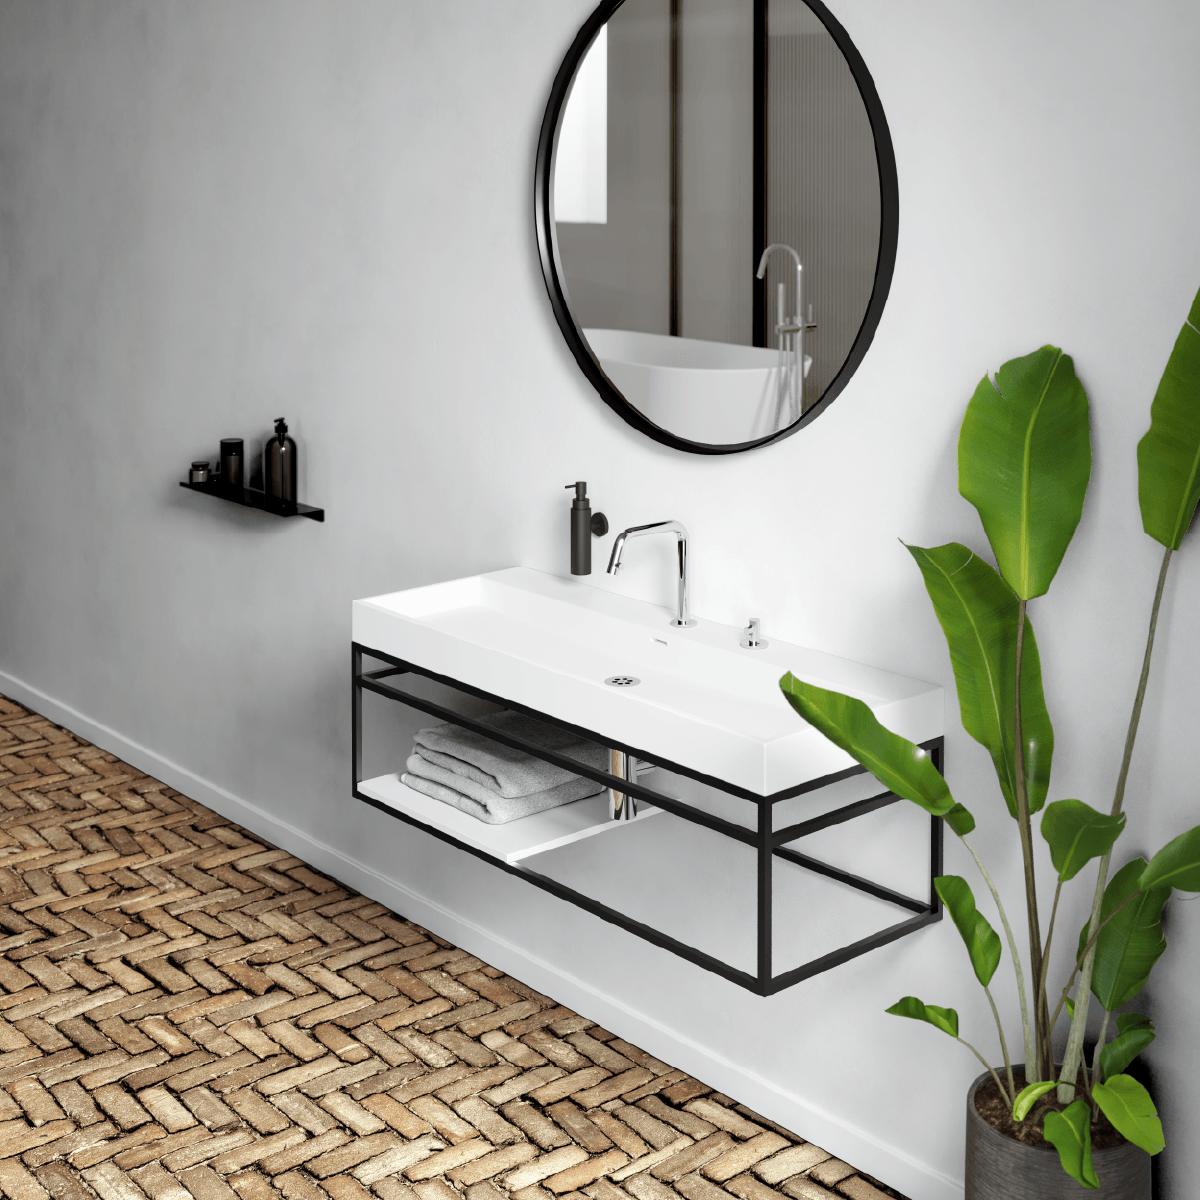 Clou-badkamers-Mijn-Bad-In-Stijl-badkamer-merken-2